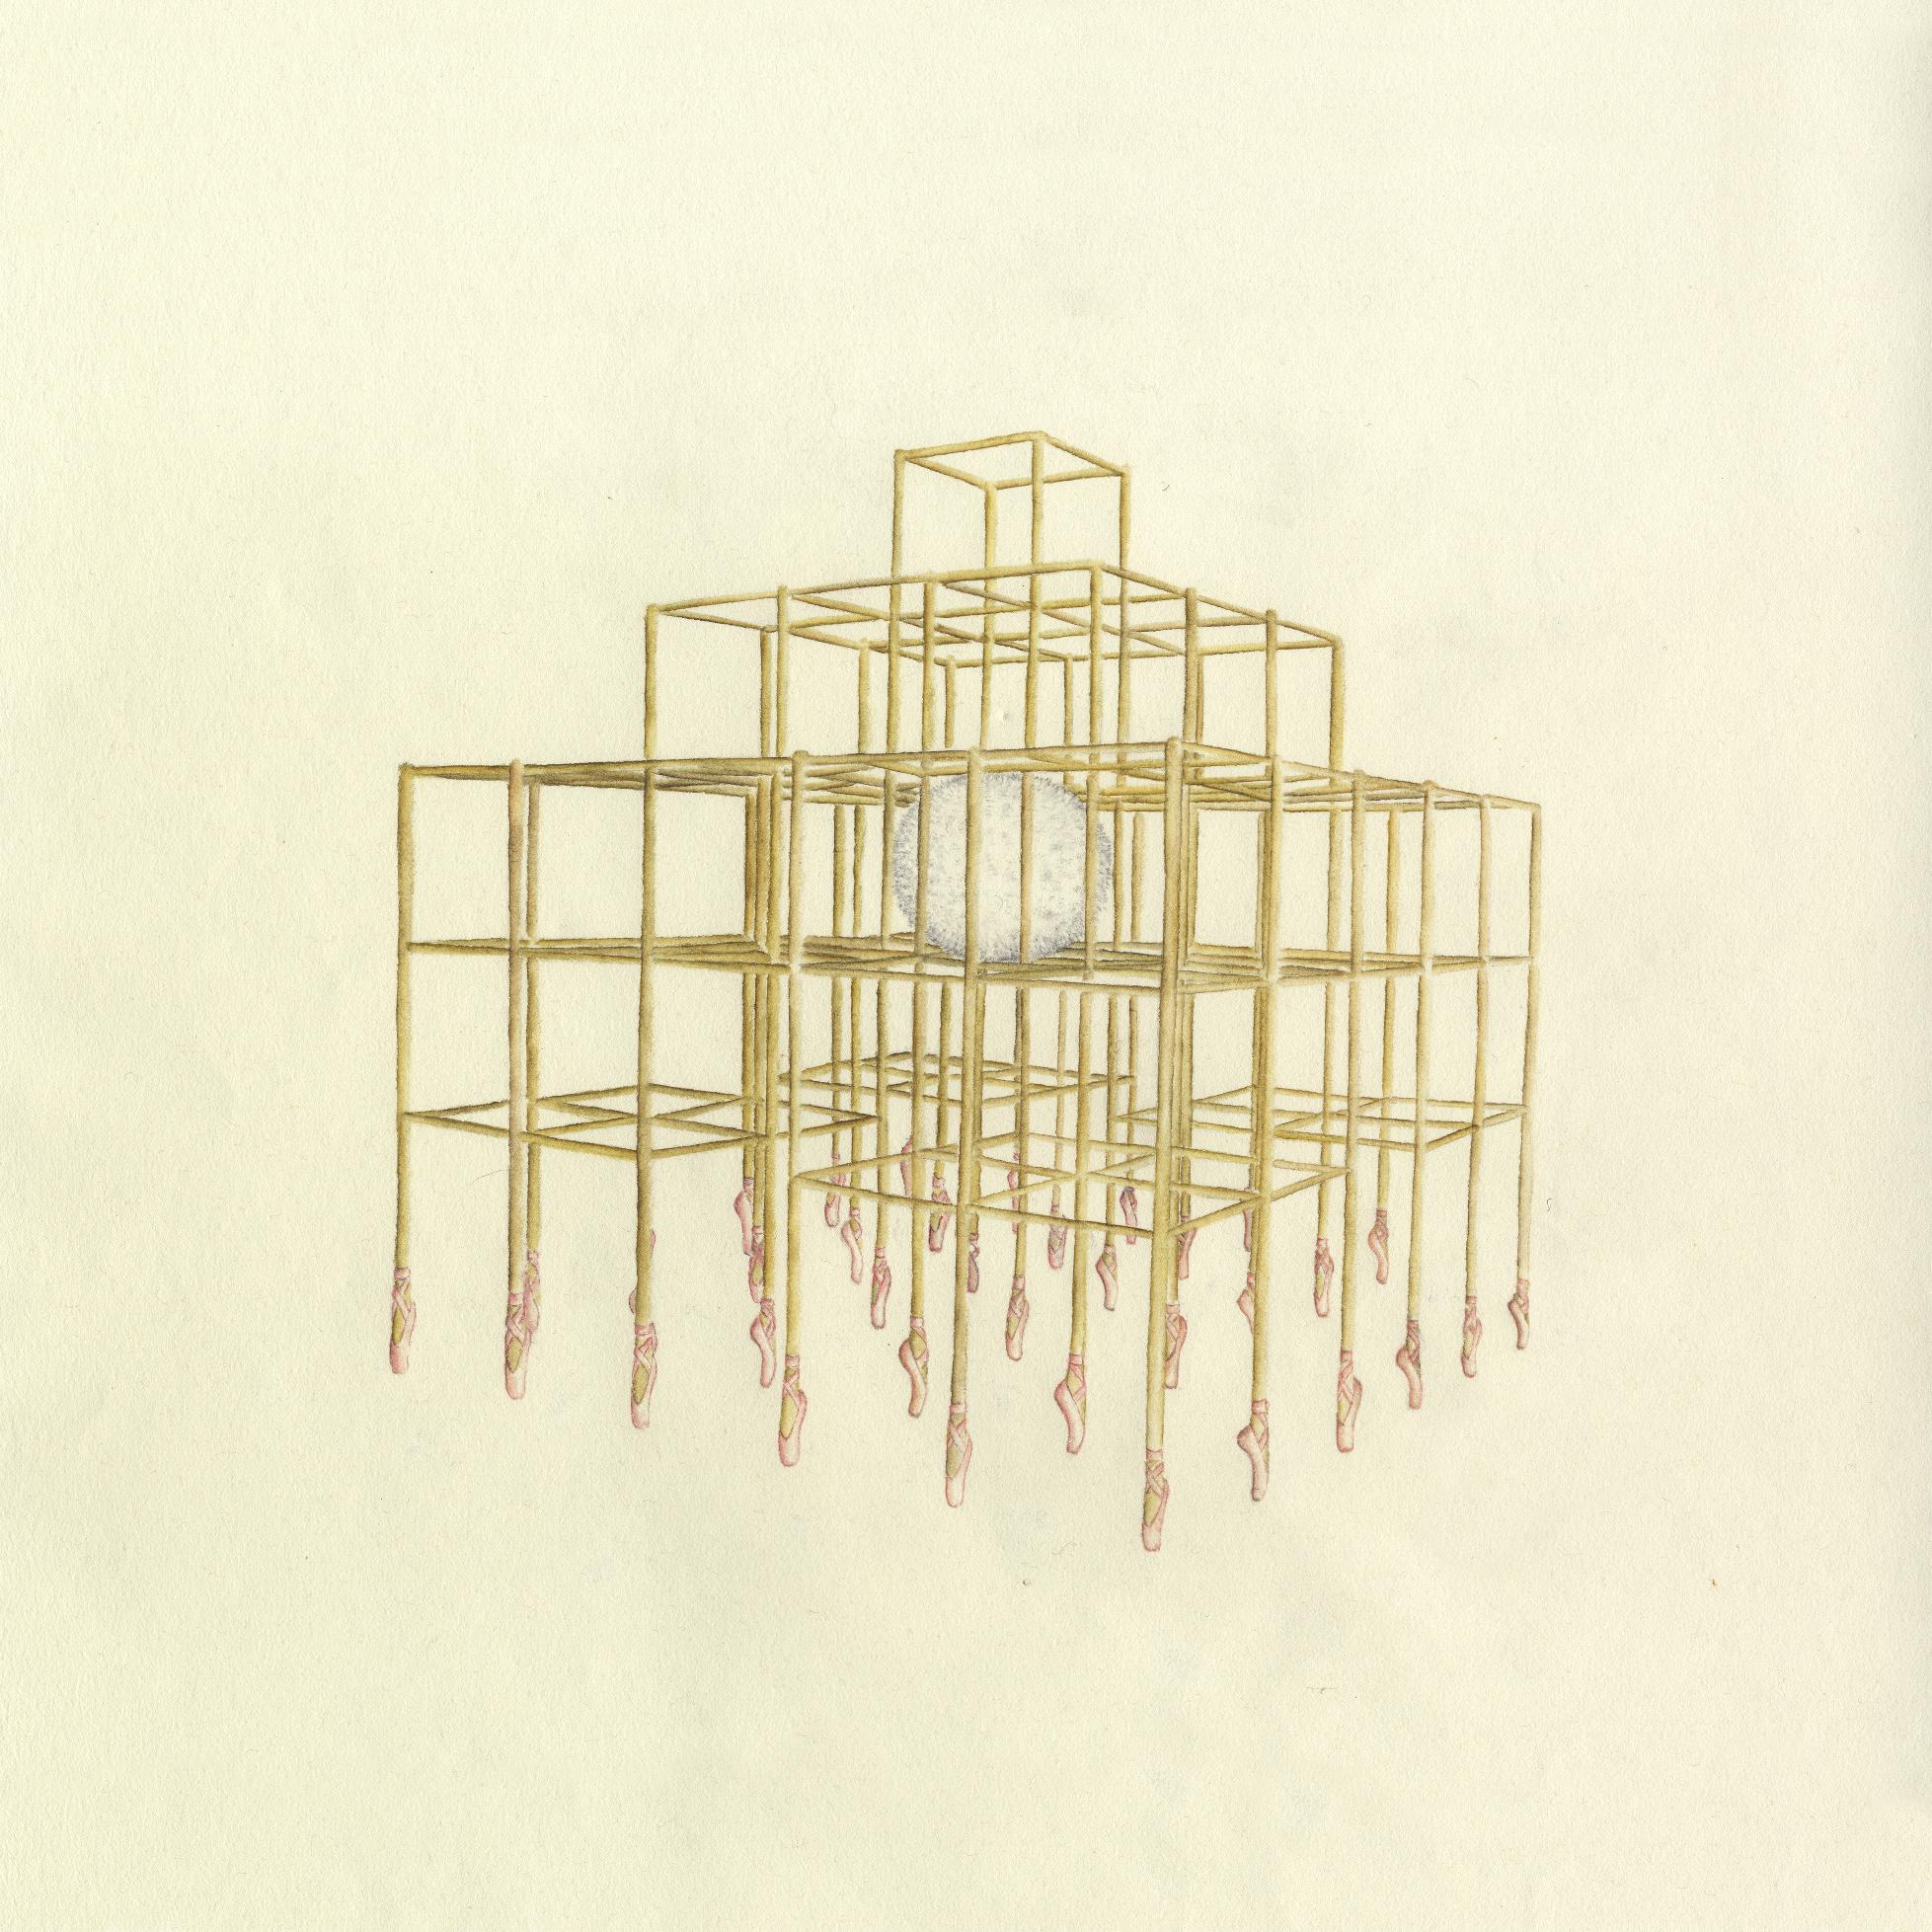 Laure Tixier, Cage aux cygnes_2014_33,5 x 33,5 cm_Aquarelle sur papier vélin,Exhibition view MATRIOCHKAS, ANALIX FOREVER, mars 2021